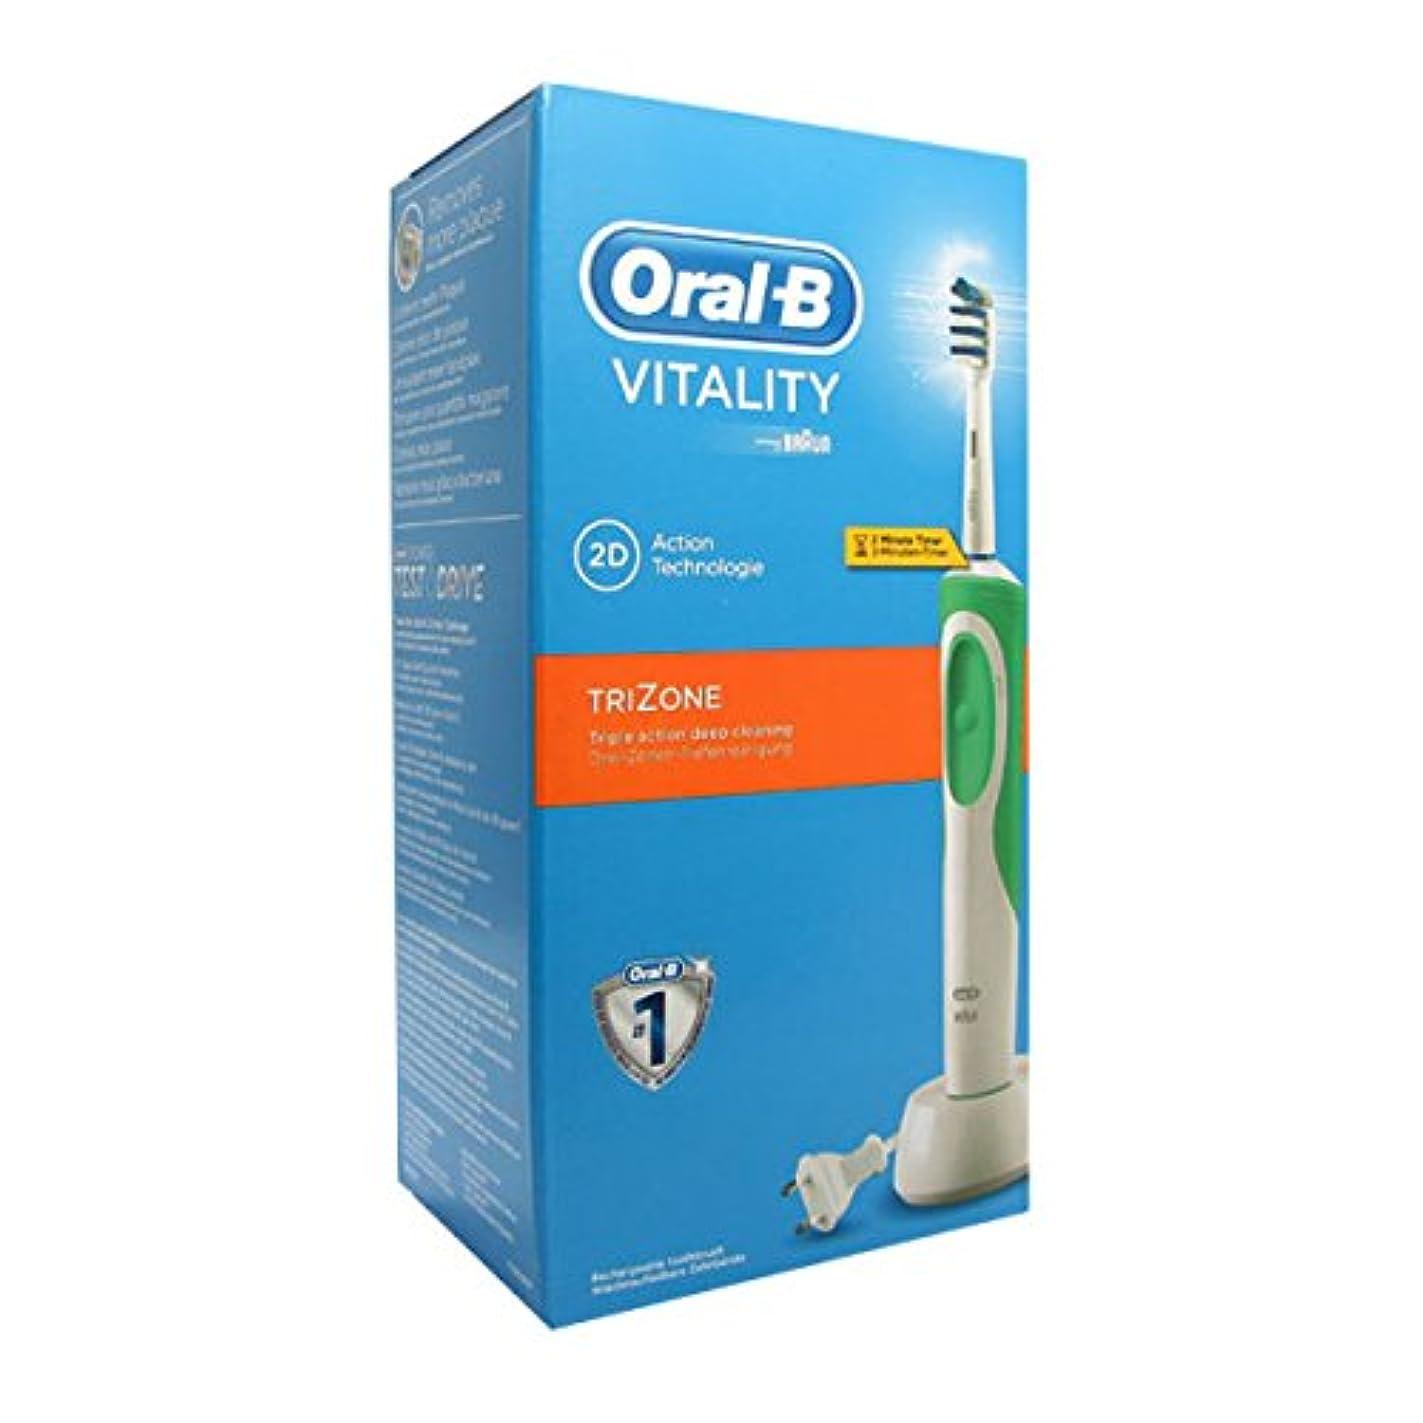 店主エチケット賞賛するOral B Vitality Trizone Electric Toothbrush [並行輸入品]